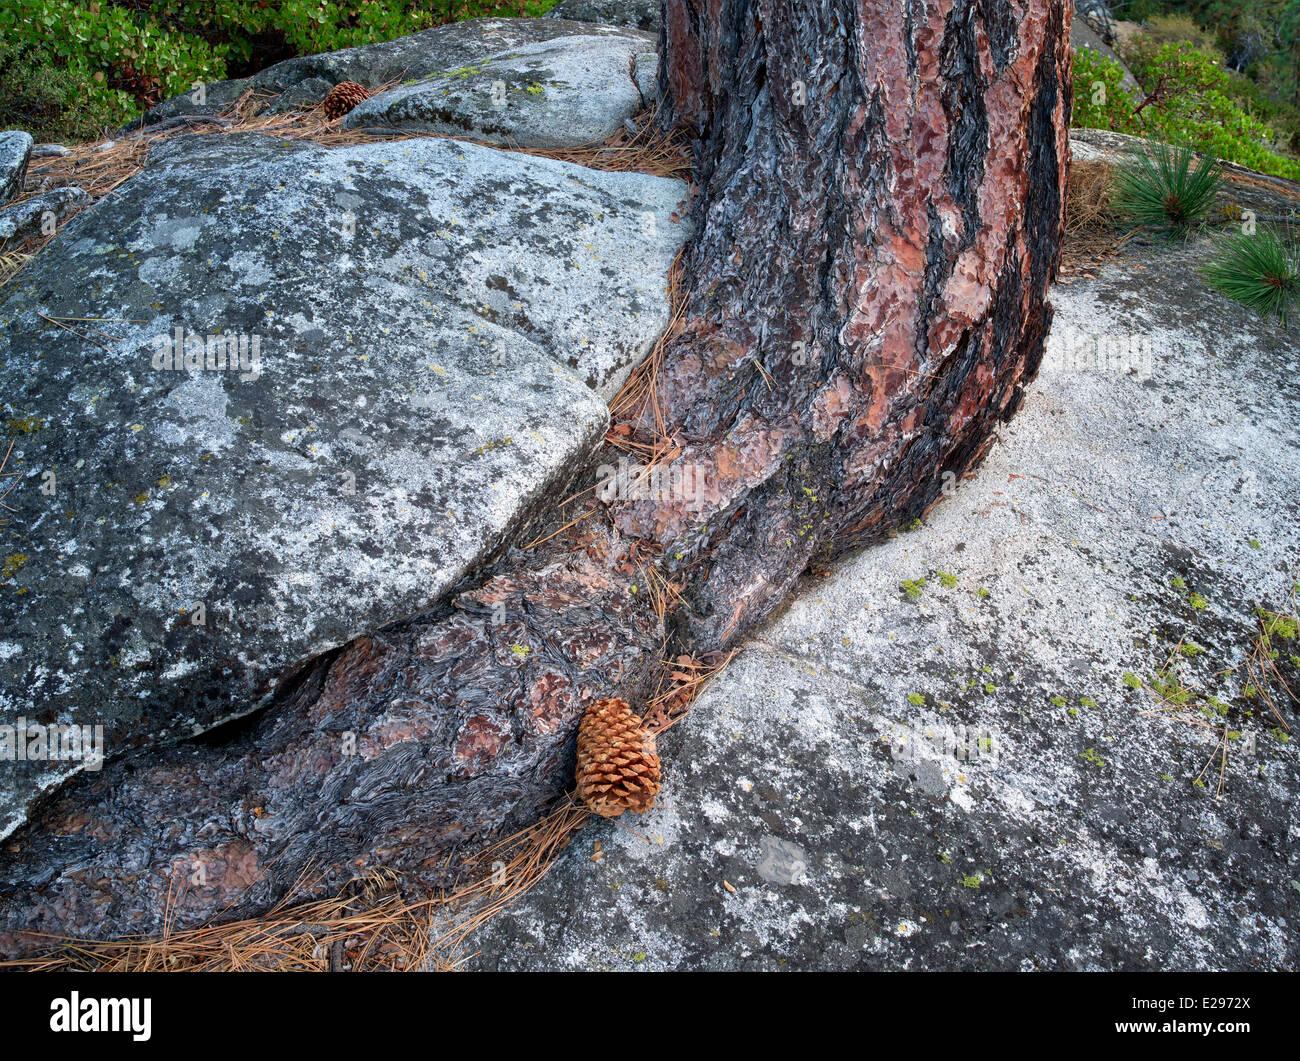 Ponderosa Pine Tree lottando per crescere nella roccia di granito crack. Lake Tahoe, California/Nevada Immagini Stock